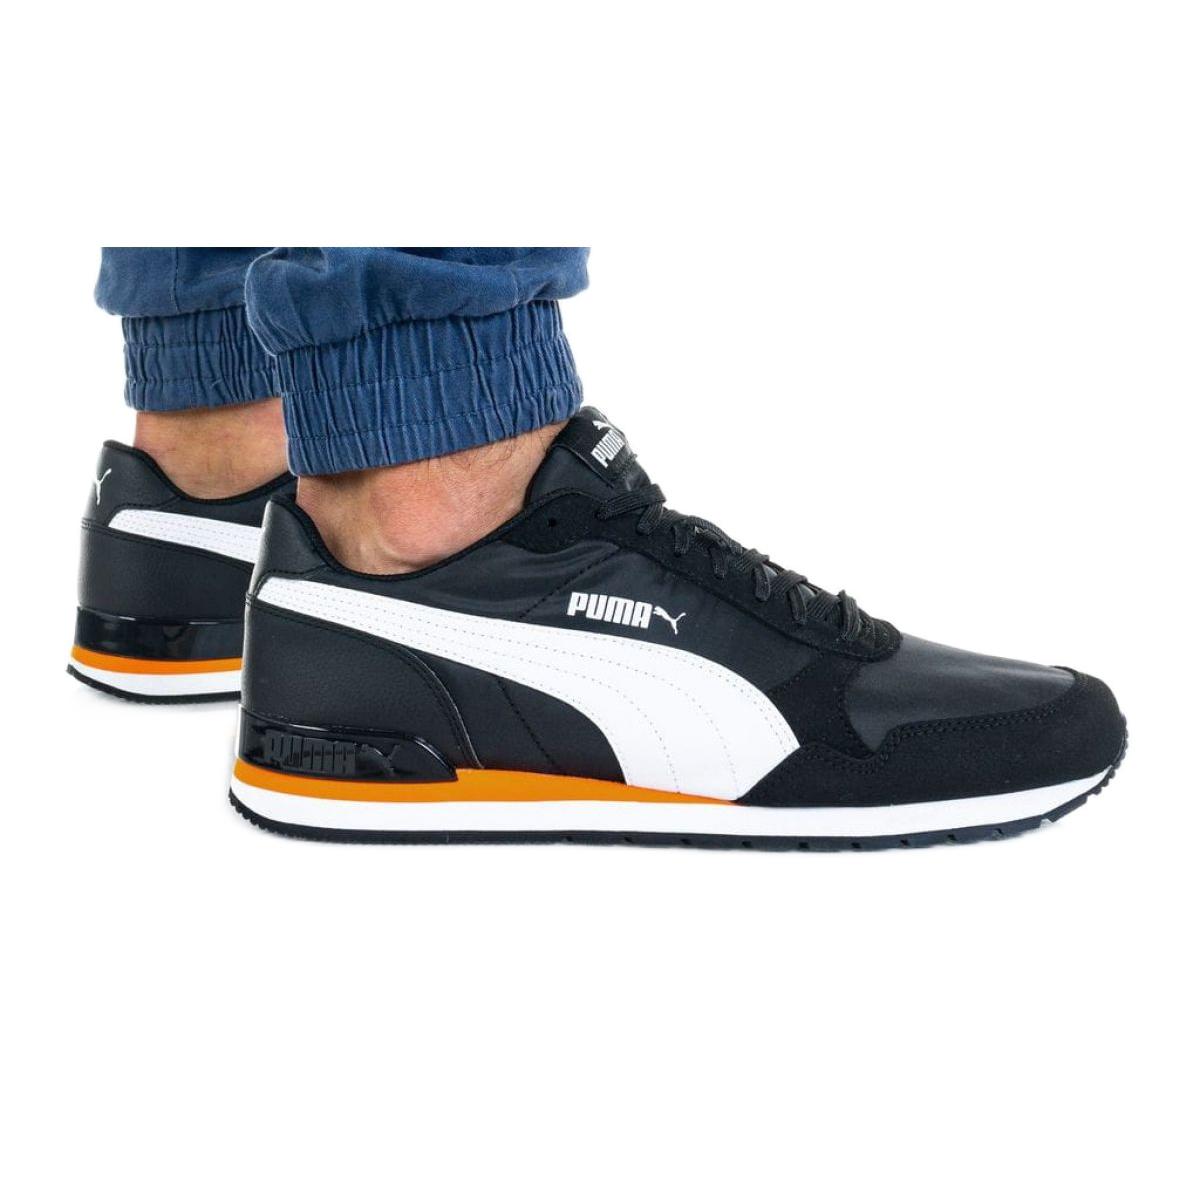 Puma St Runner V2 Nl M 365278 33 shoes white black orange